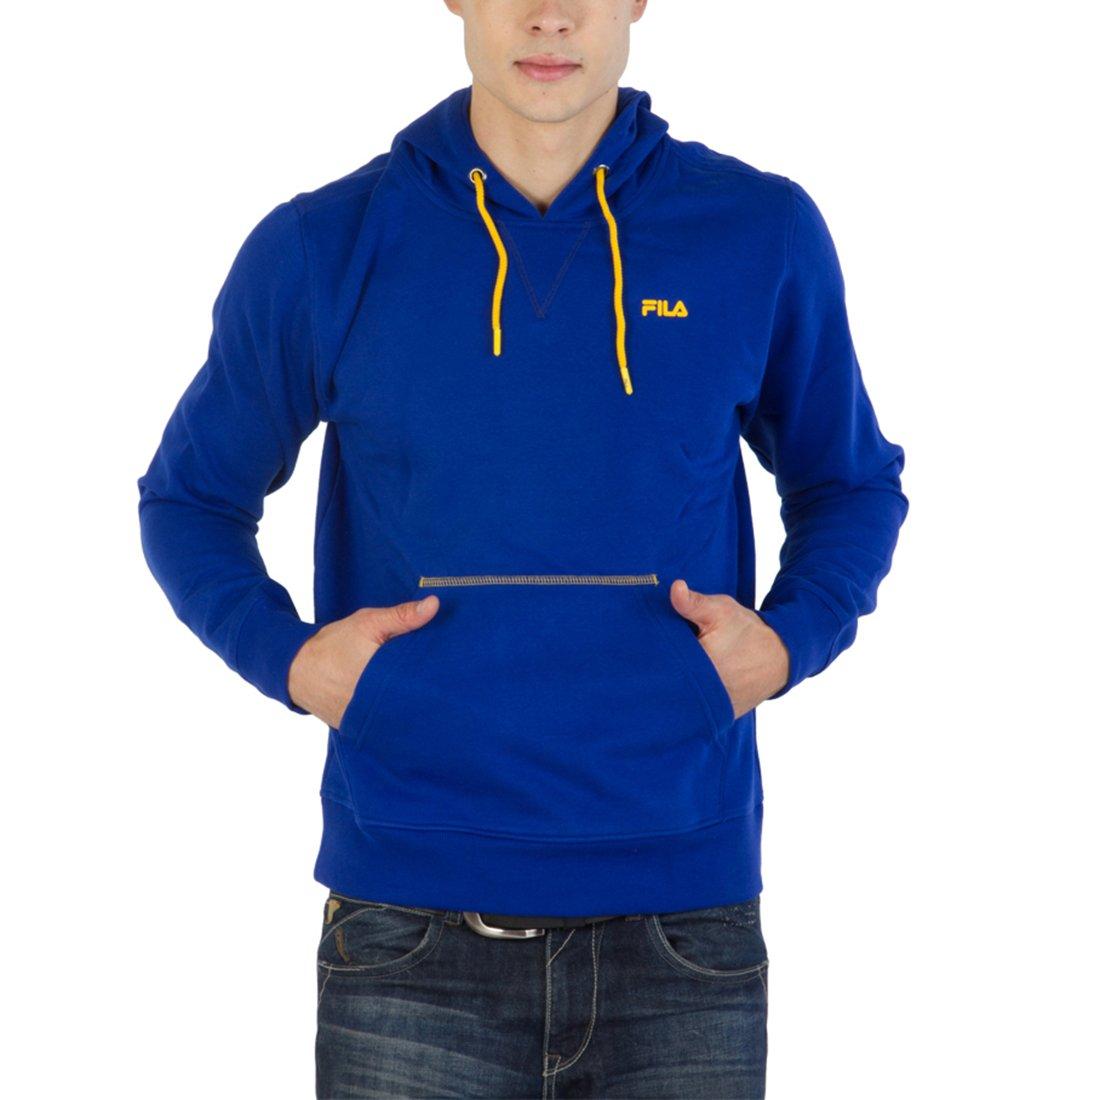 Fila Full Sleeve Solid Men's Sweatshirt Sweatshirts